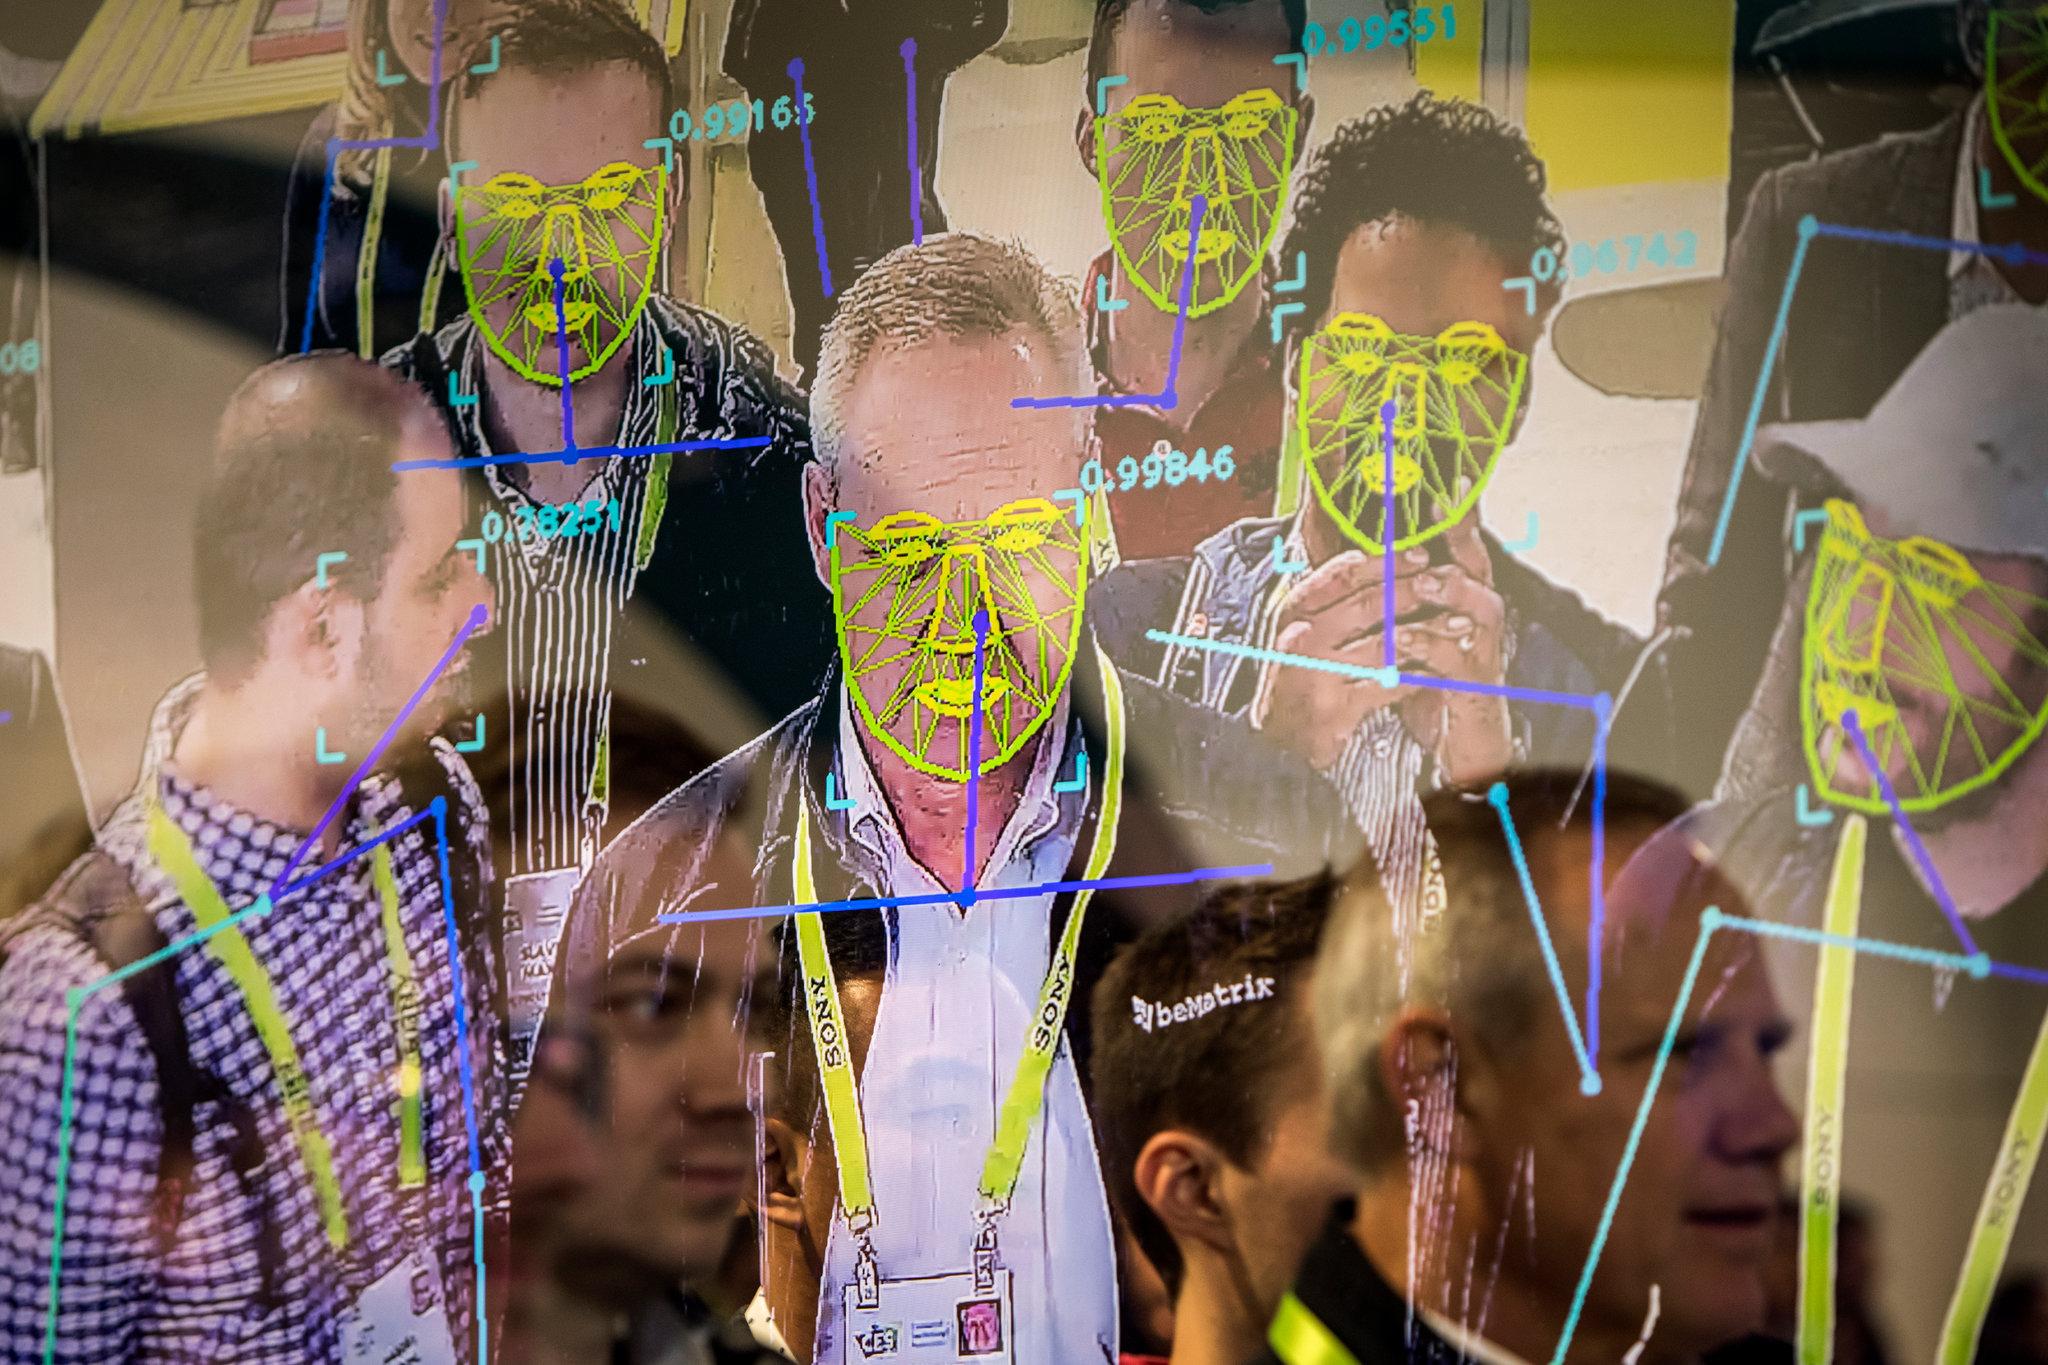 В США создан рабочий прототип устройства с технологией распознавания лиц на расстоянии до 1 км